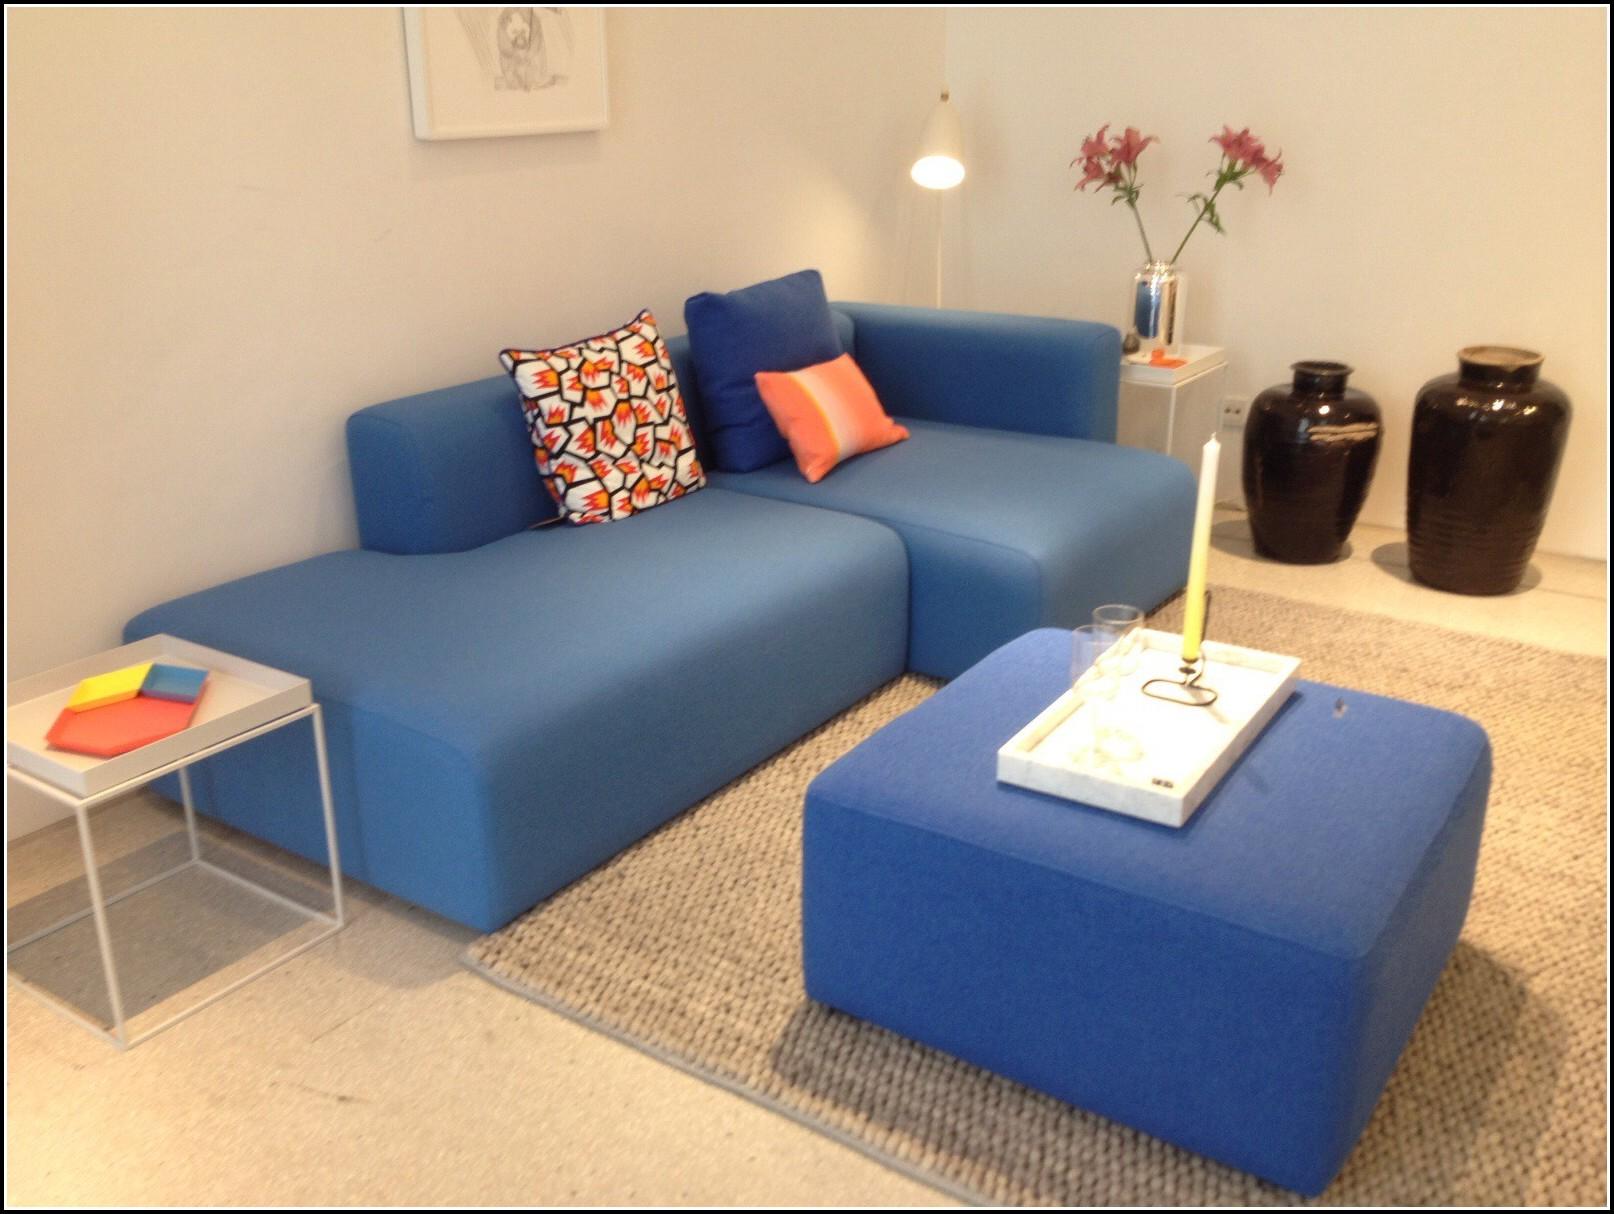 designer sofas outlet m nchen sofas house und dekor galerie bnvrpmqkmo. Black Bedroom Furniture Sets. Home Design Ideas